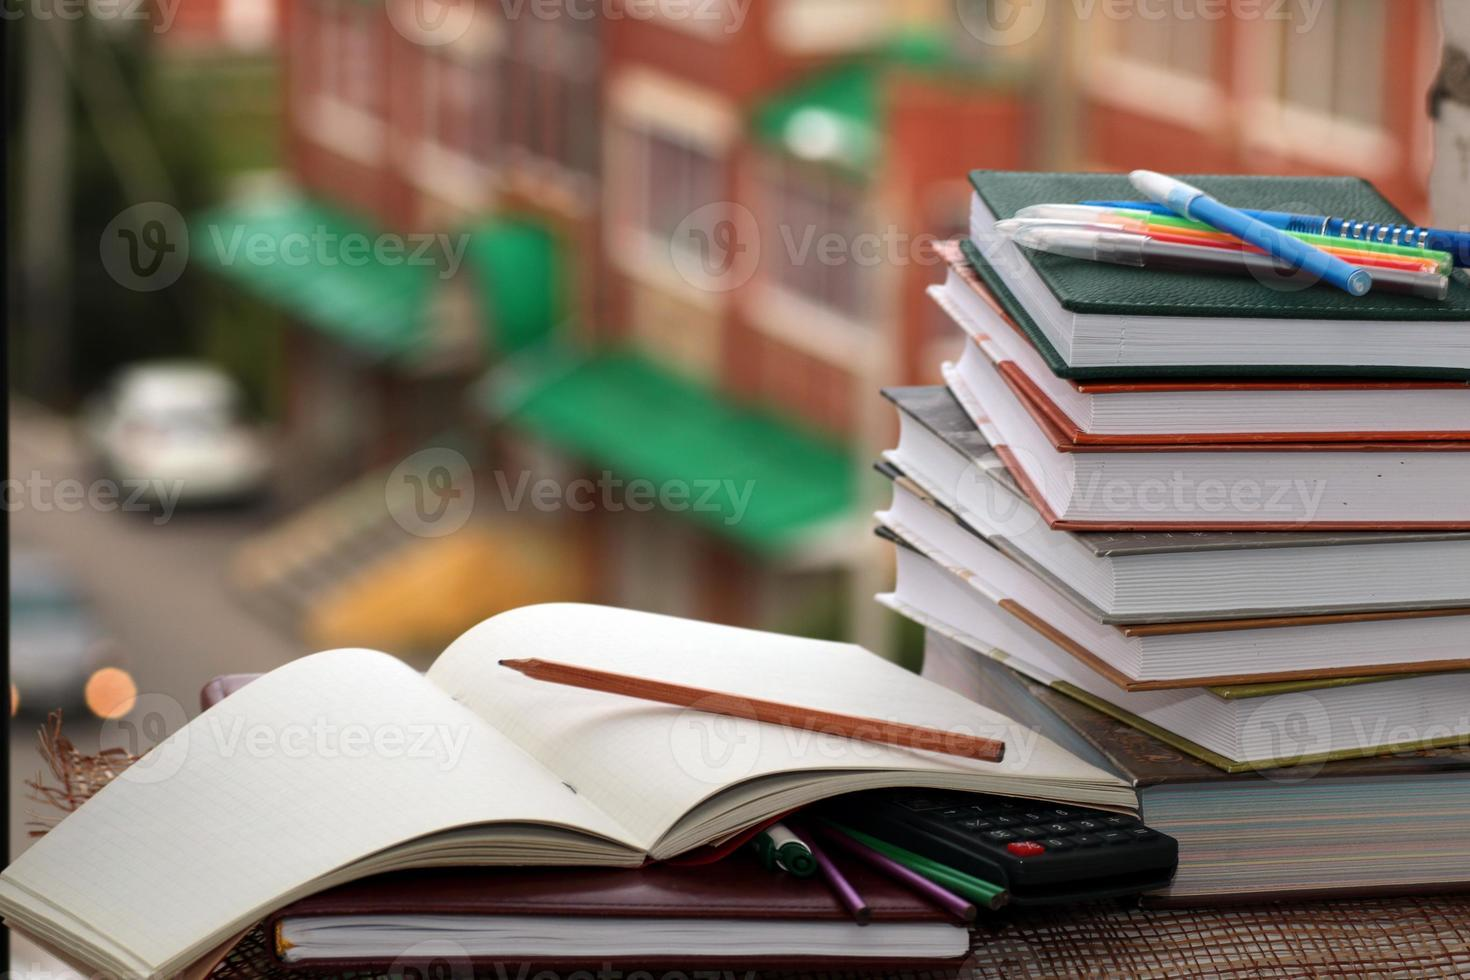 pen potlood studieboeken foto